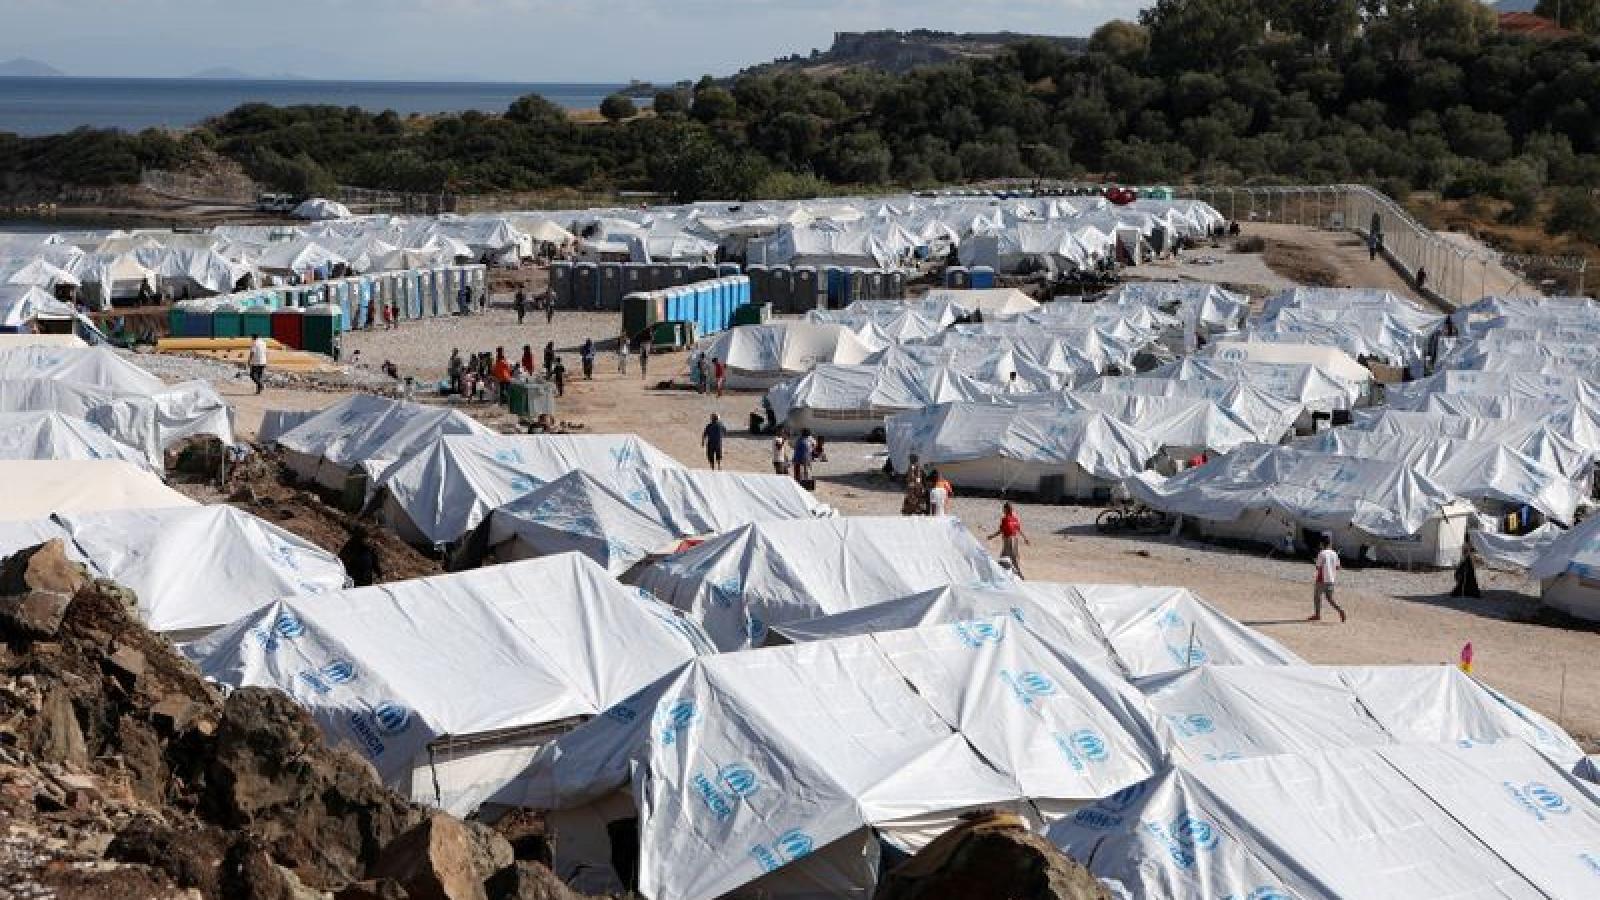 Hy Lạp sẽ xây dựng trại tị nạn mới, cắt giảm số lượng người di cư trên các đảo